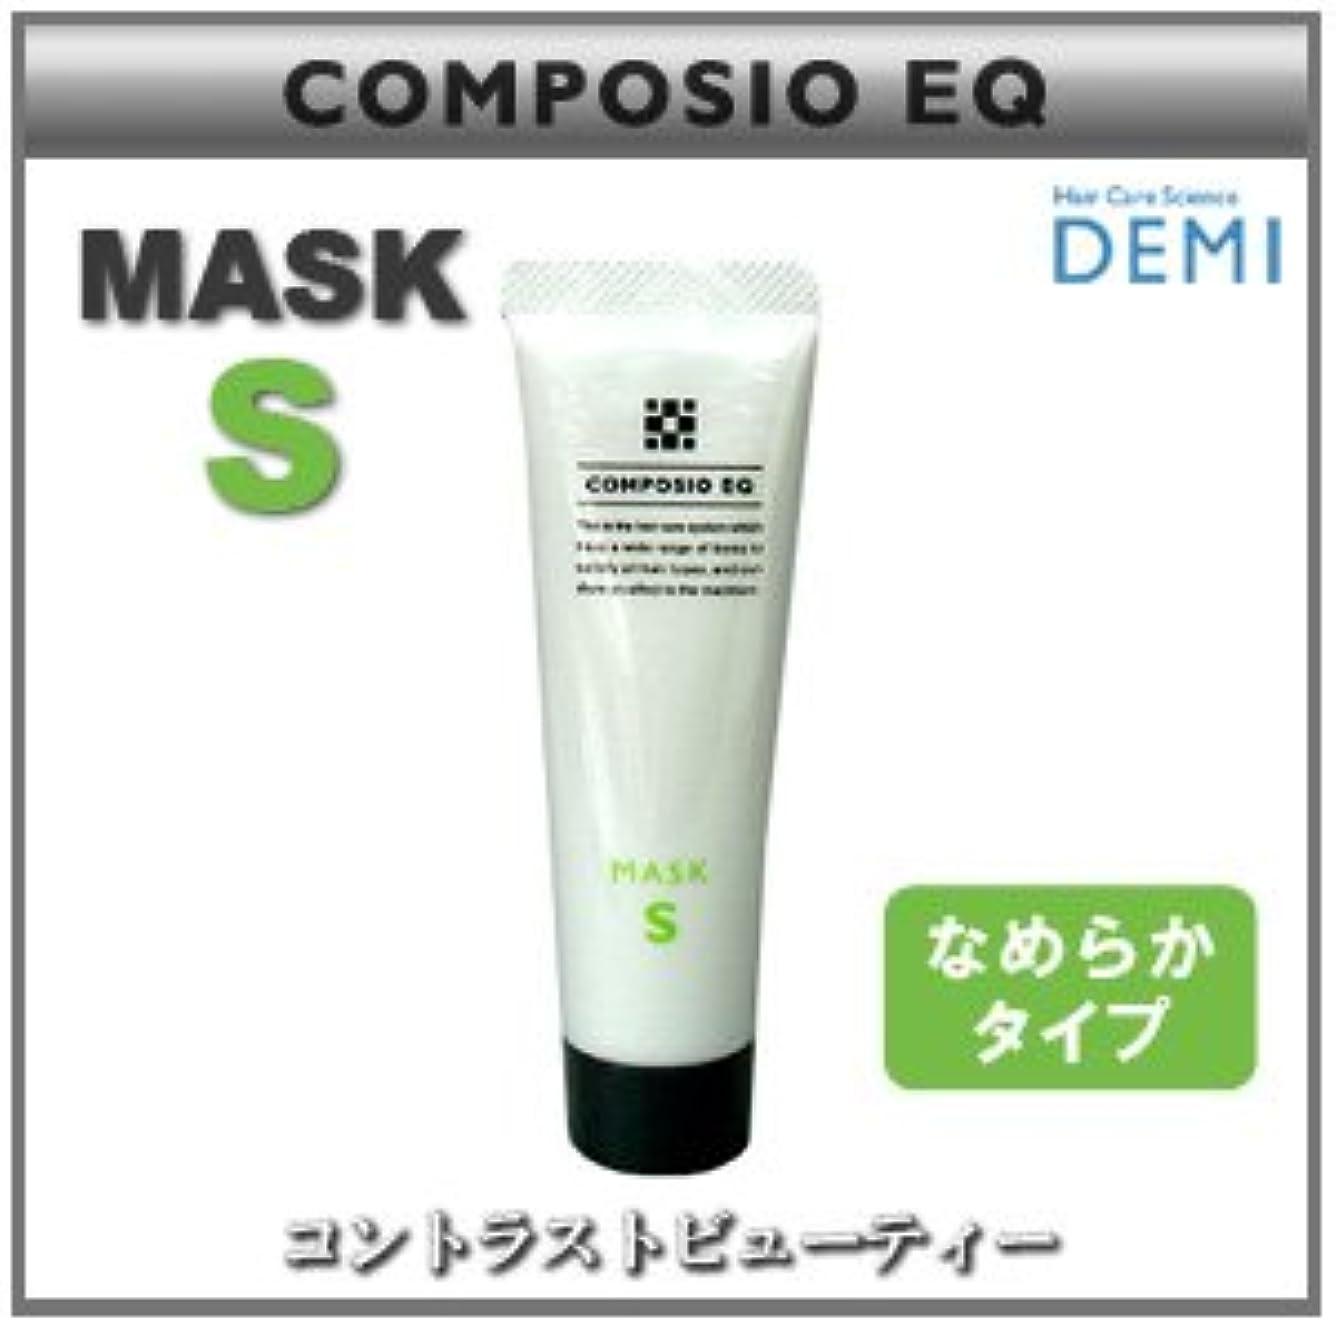 現実にはネットフォーク【X2個セット】 デミ コンポジオ EQ マスク S 50g